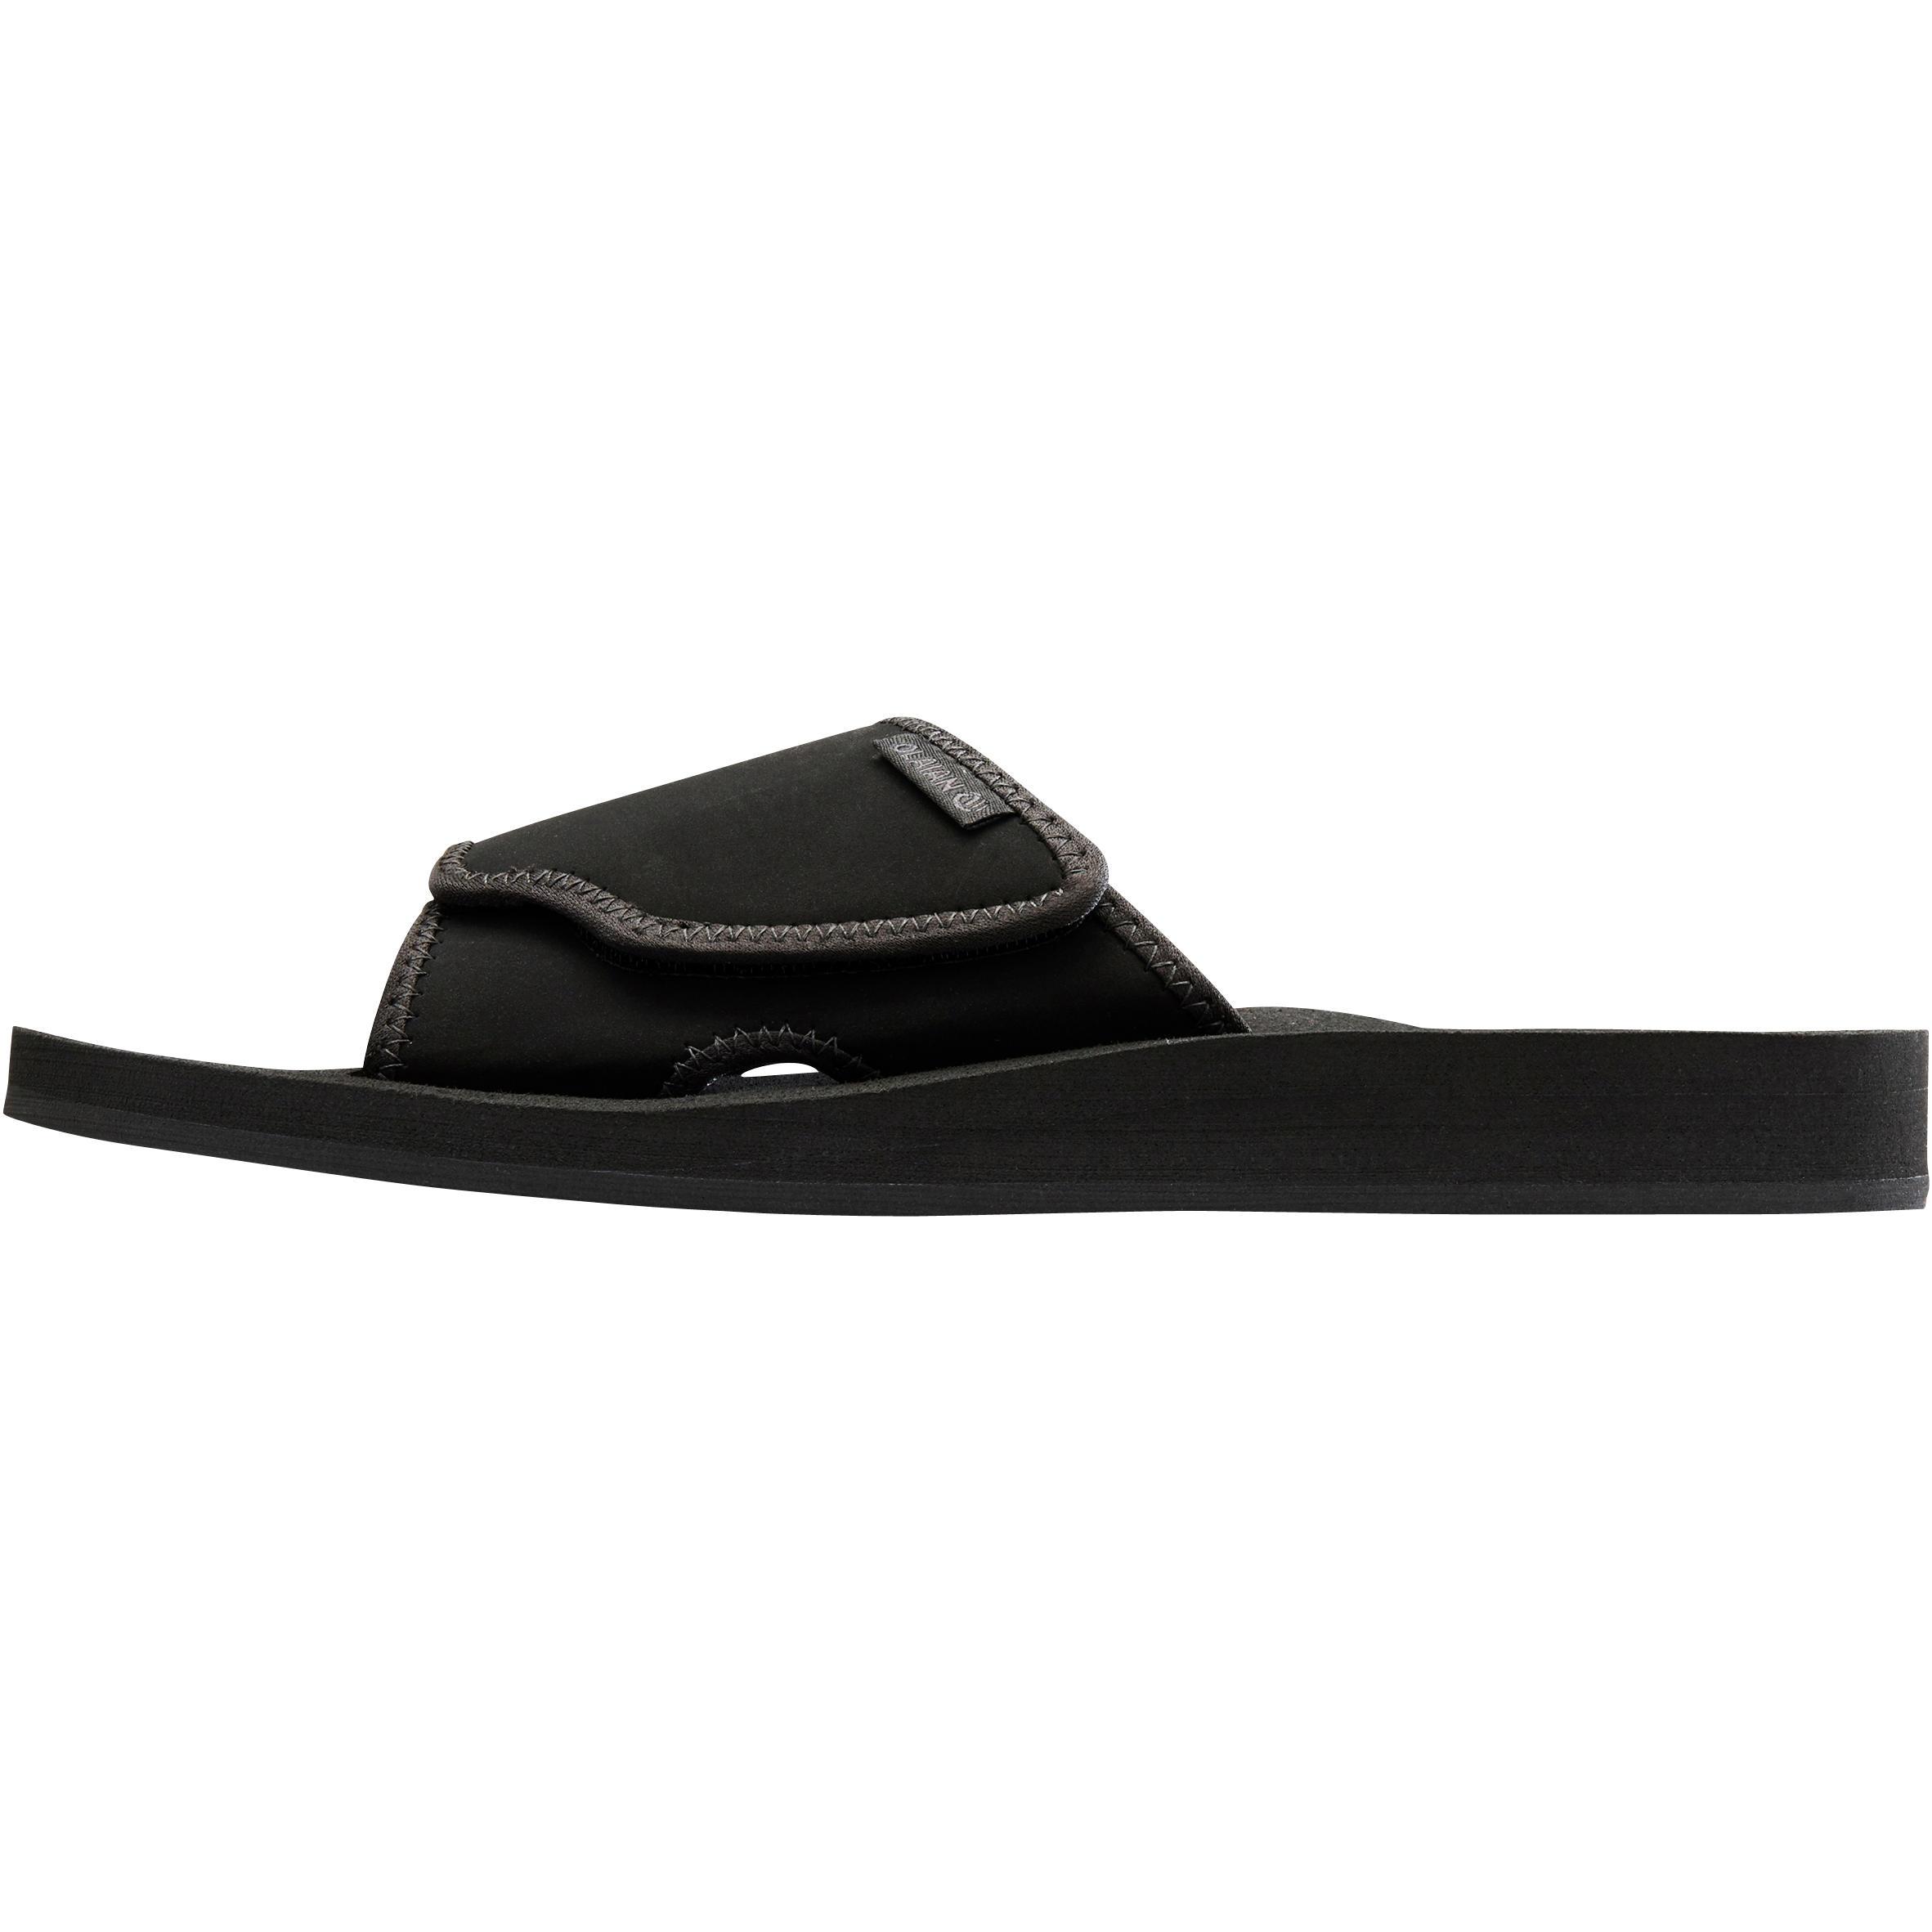 sandales de plage homme SLAP 550 M noires